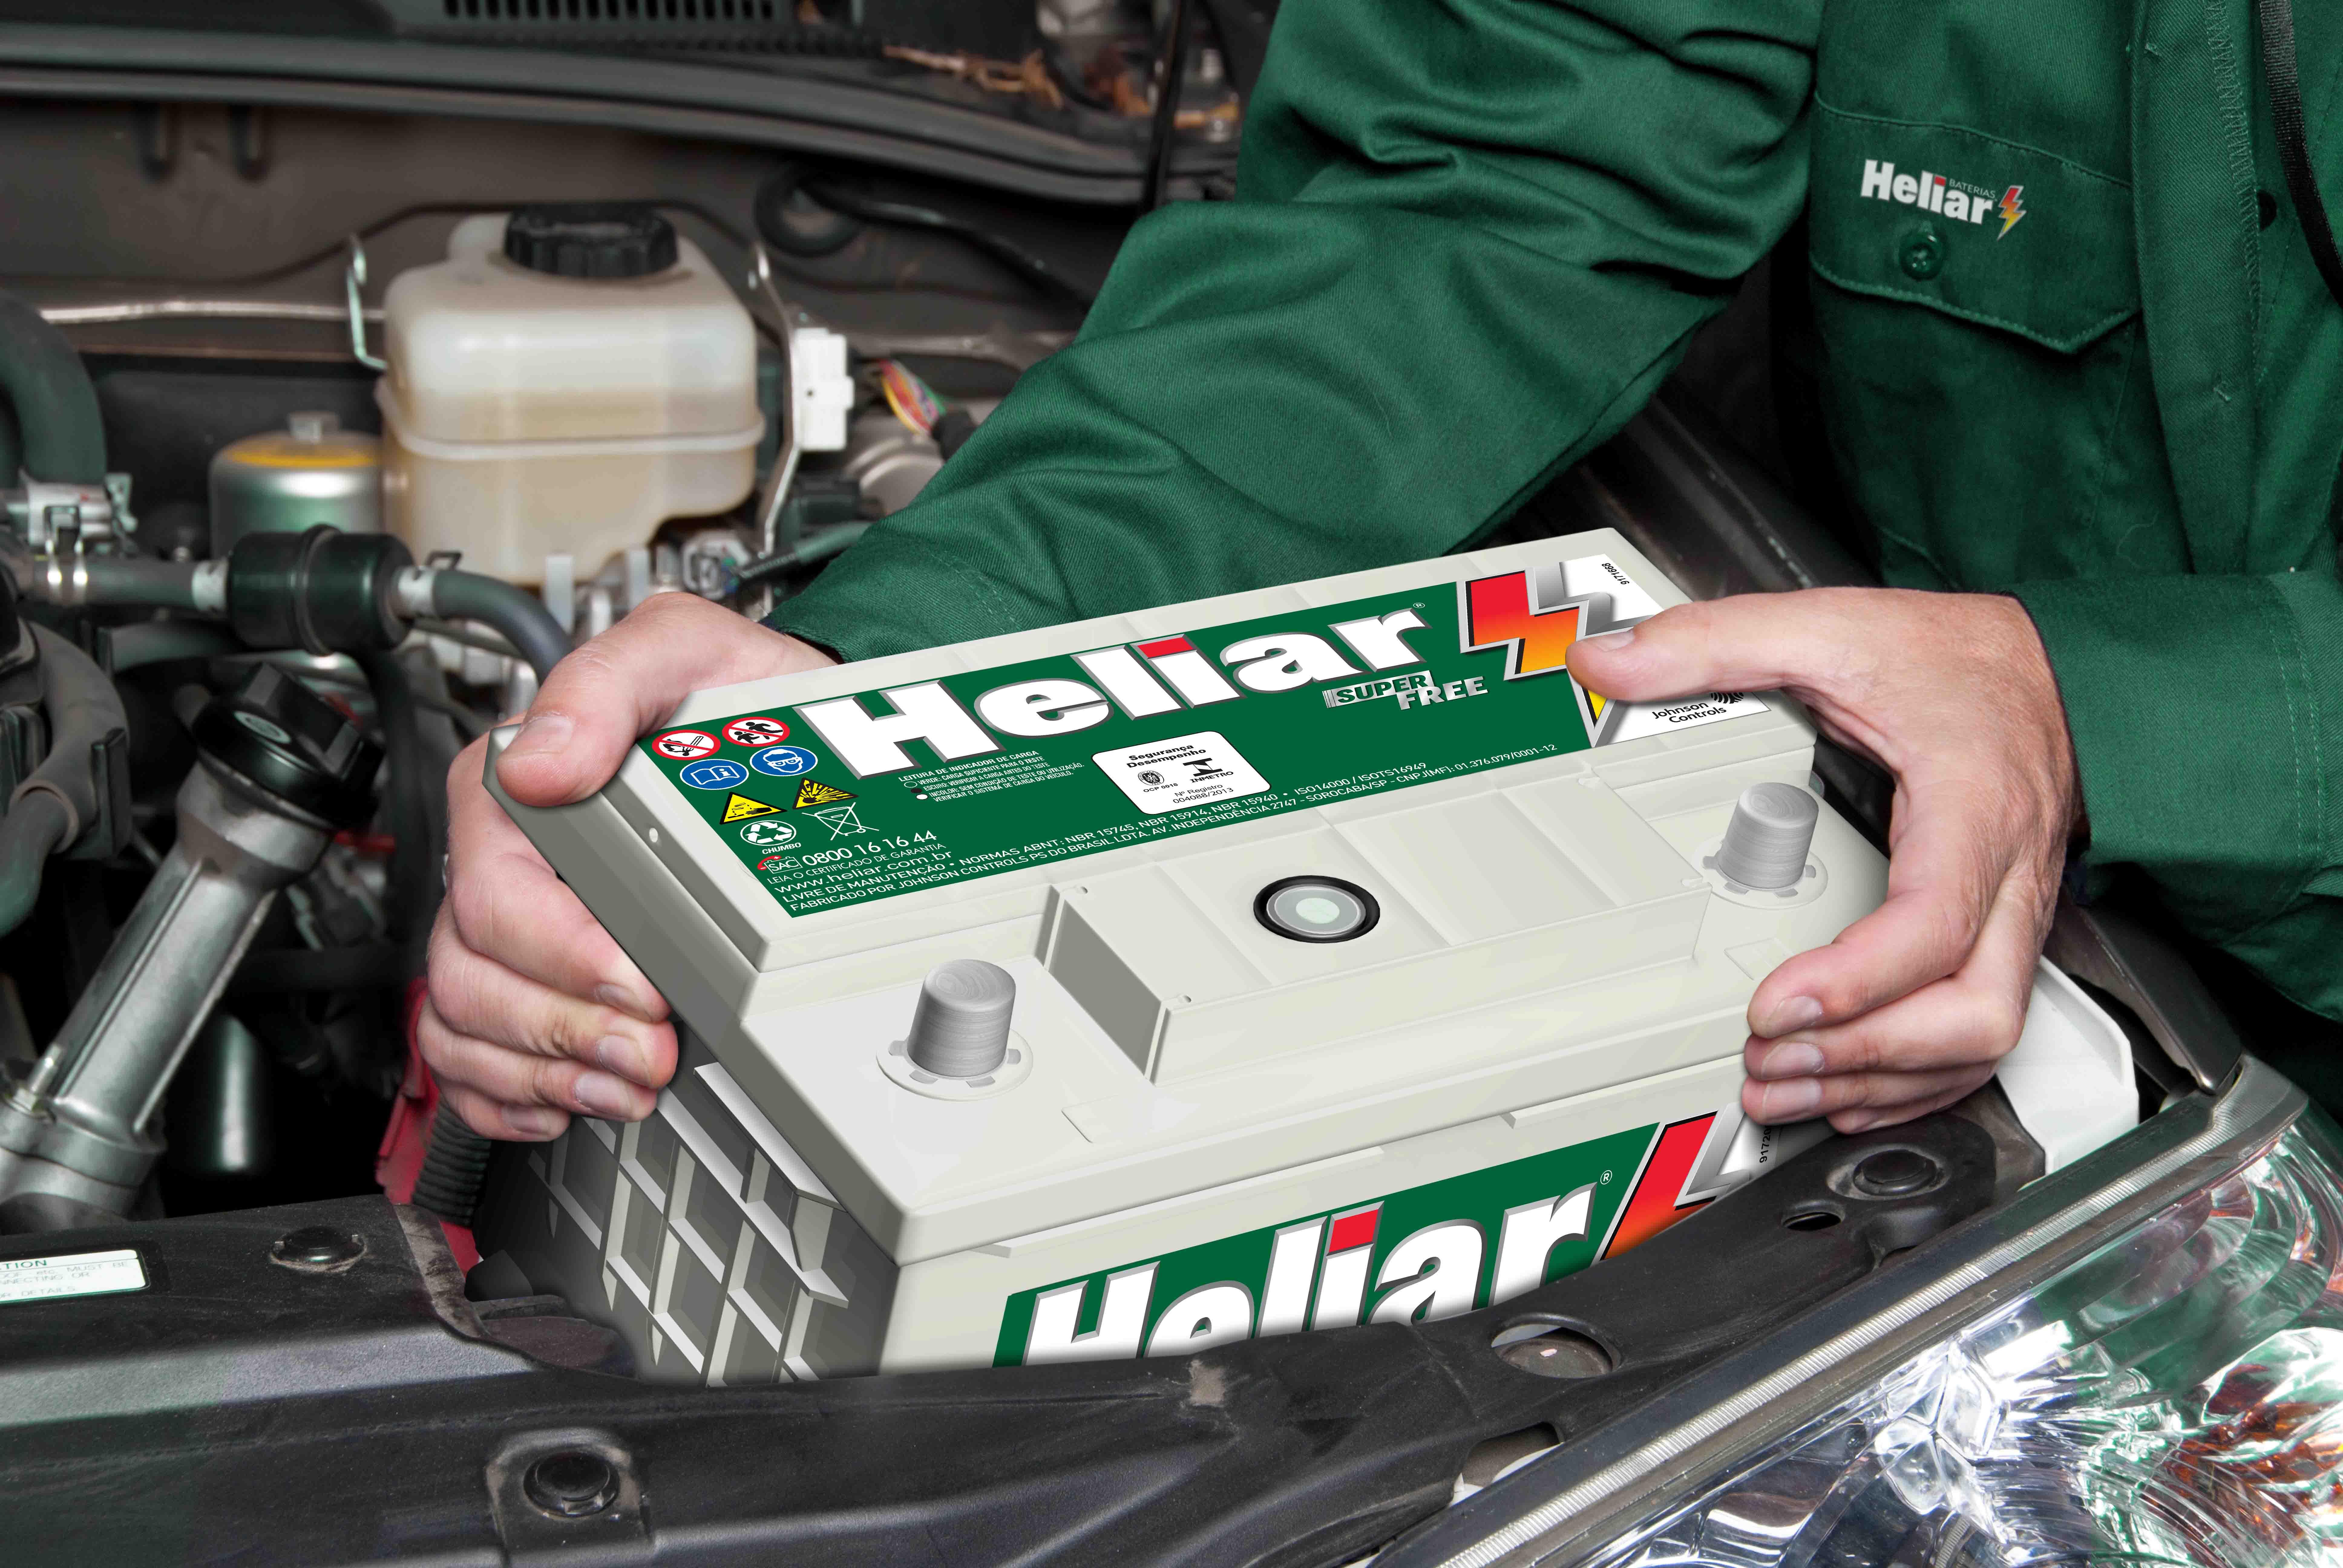 Instalação e Substituição Baterias Heliar